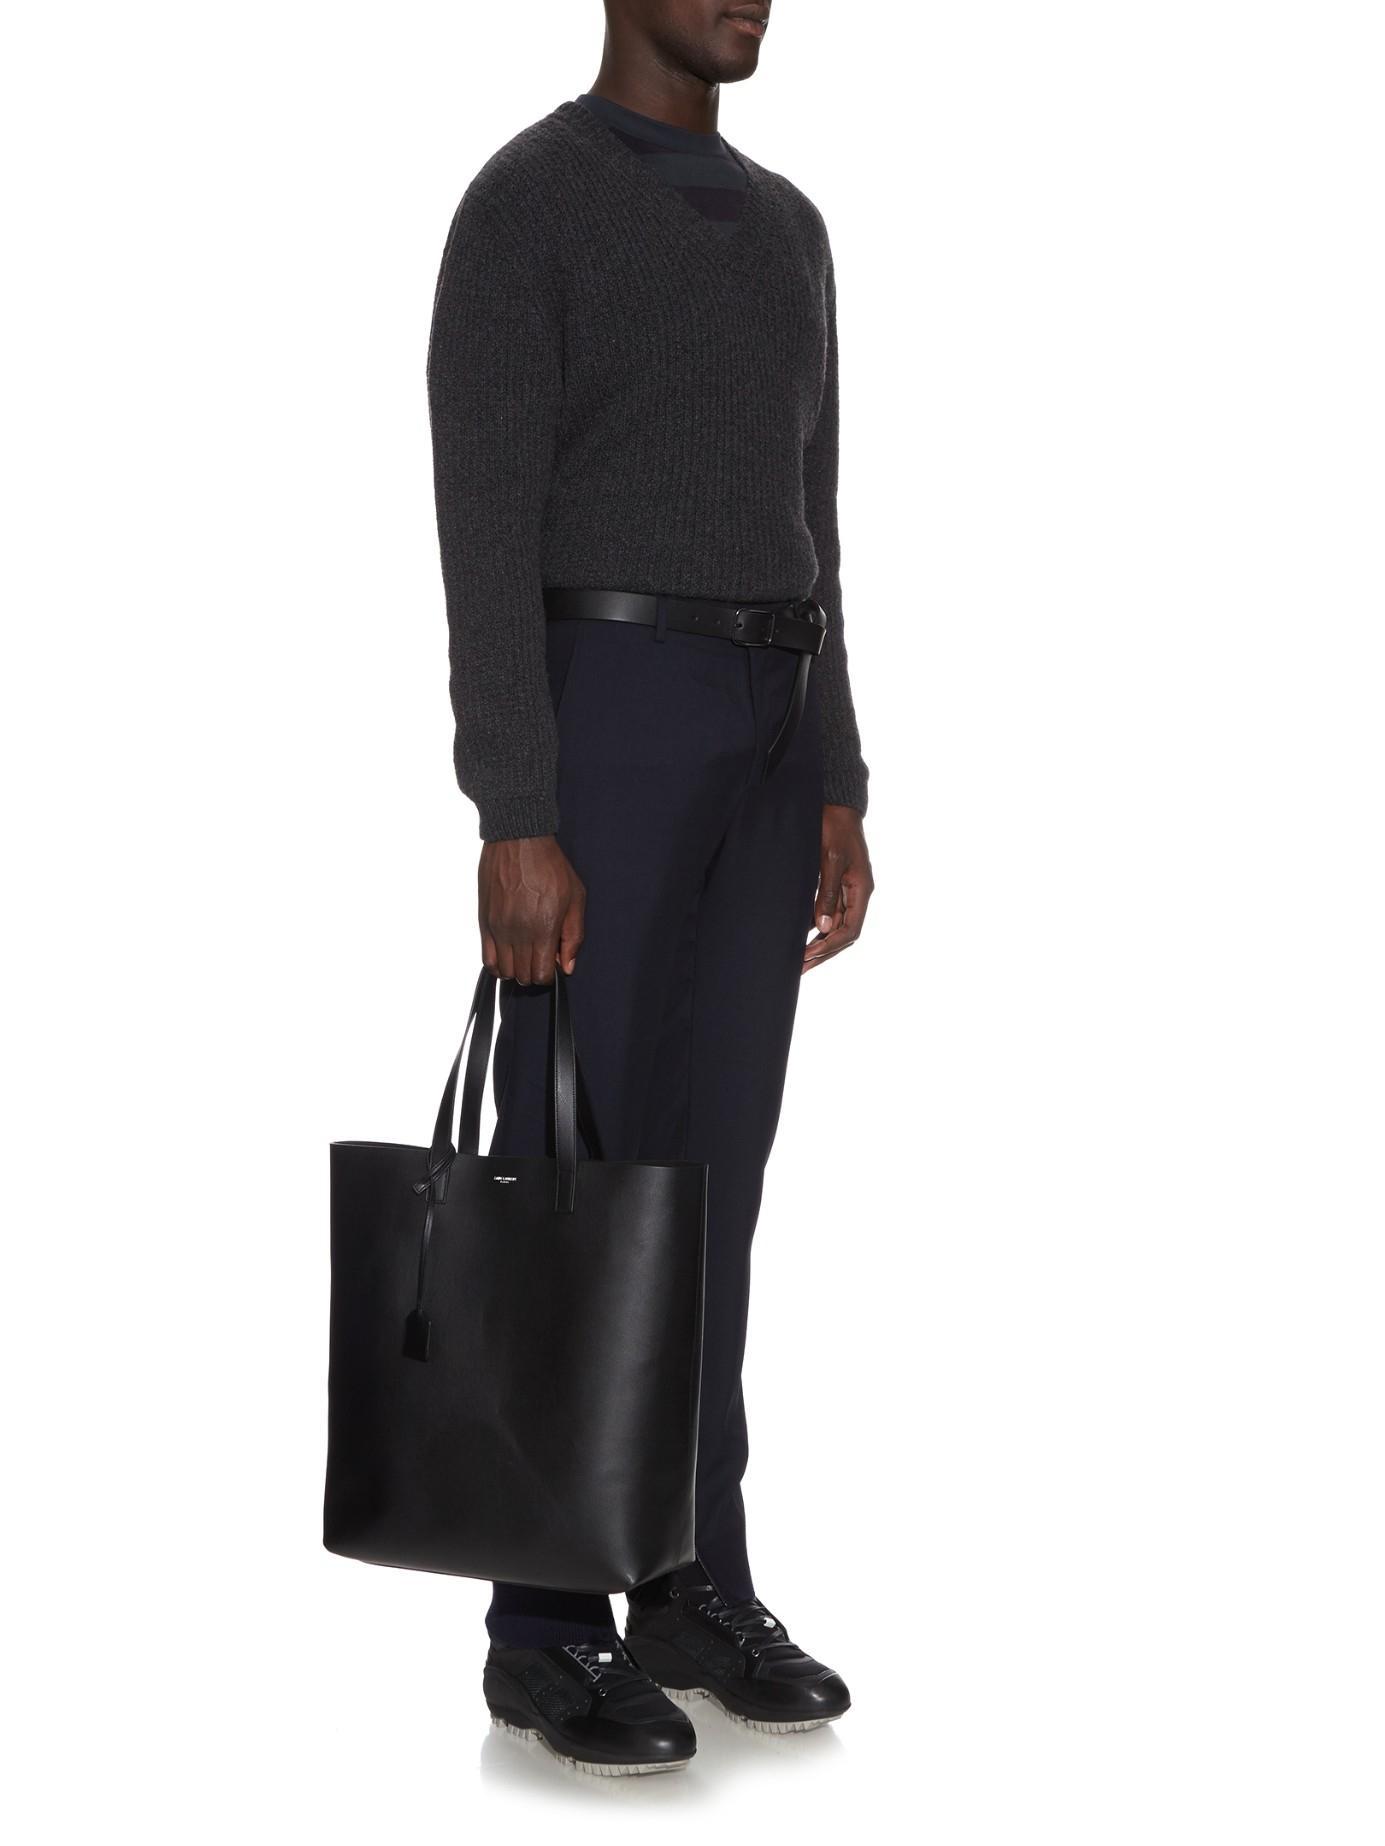 saint laurent shopping bag ysl bag sale uk. Black Bedroom Furniture Sets. Home Design Ideas